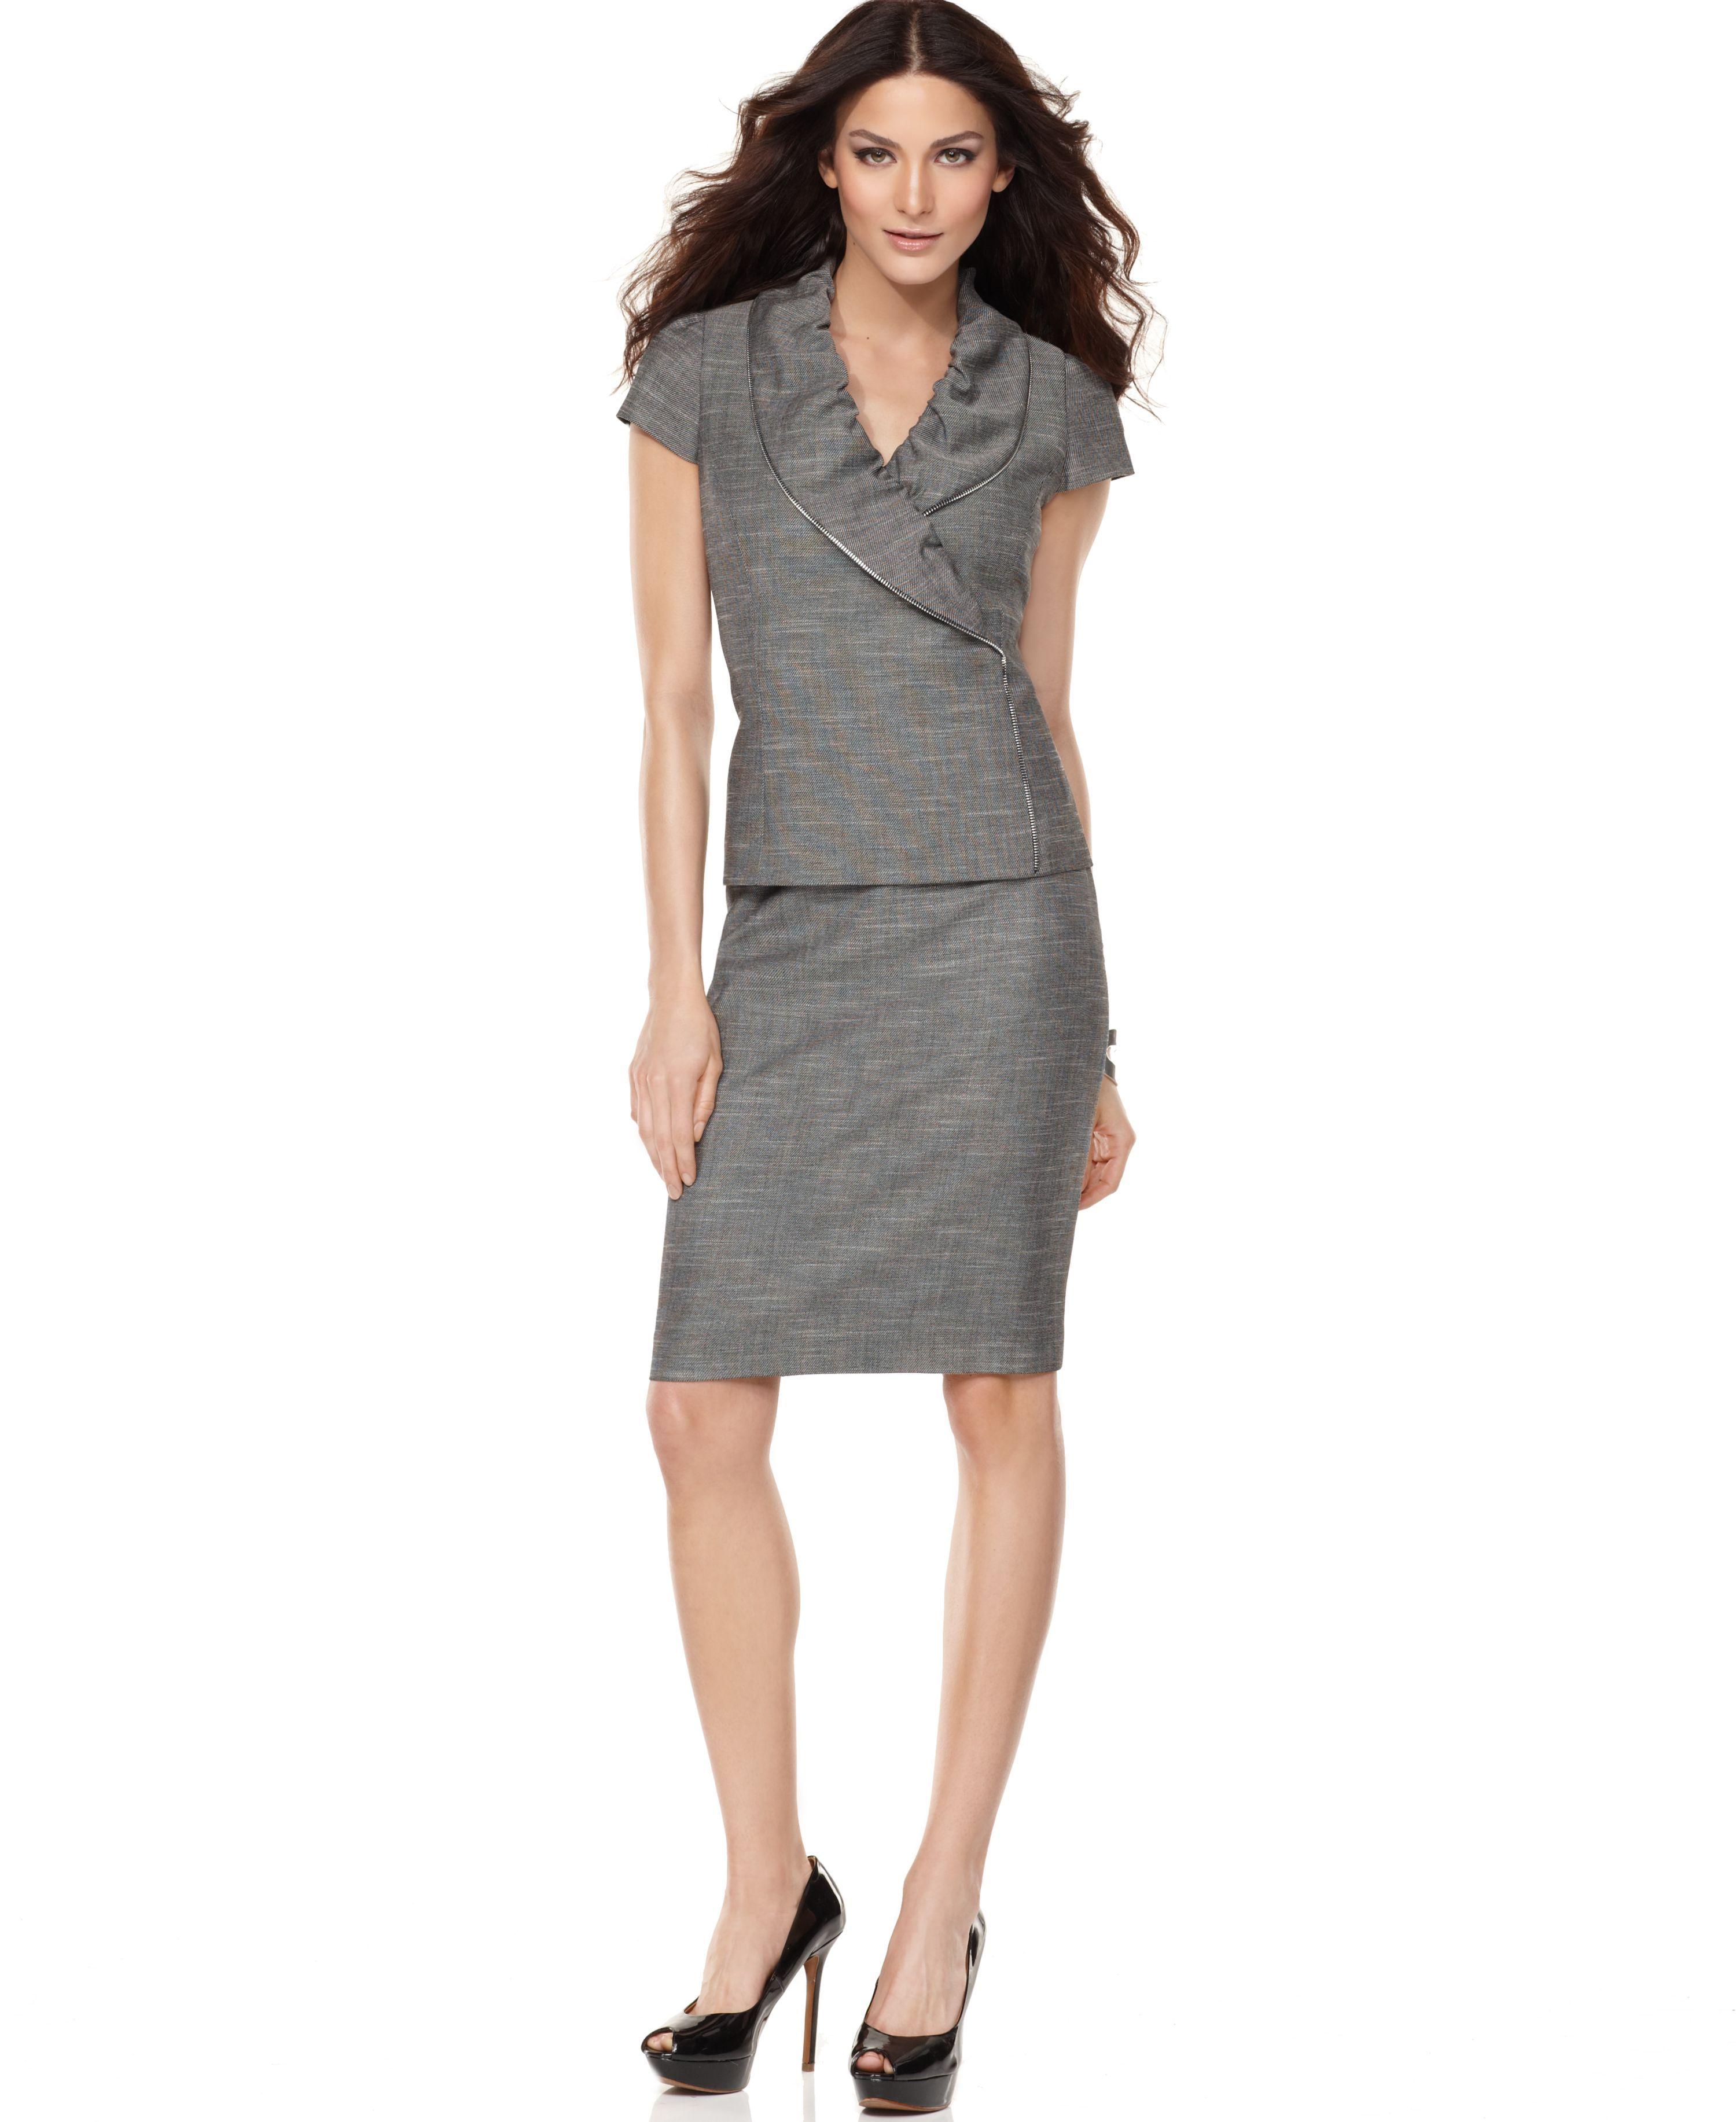 Macys dress suit macys dress pinterest dresses dress suits